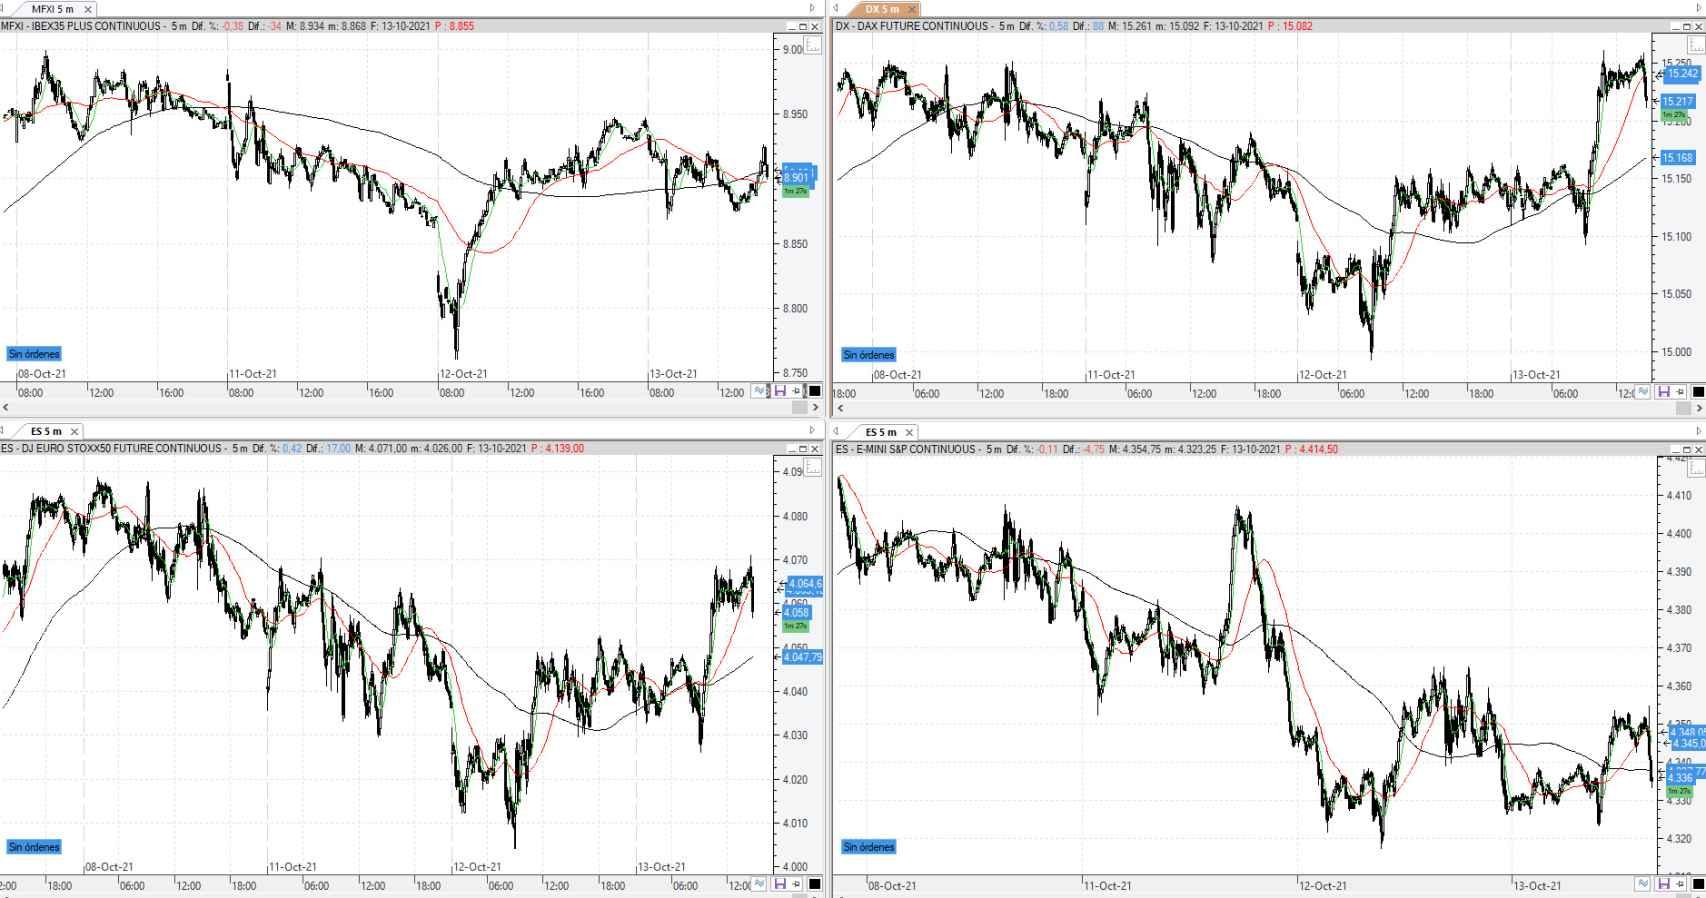 Comparativa de los futuros del Ibex 35, Dax 40, EuroStoxx 50 y S&P 500